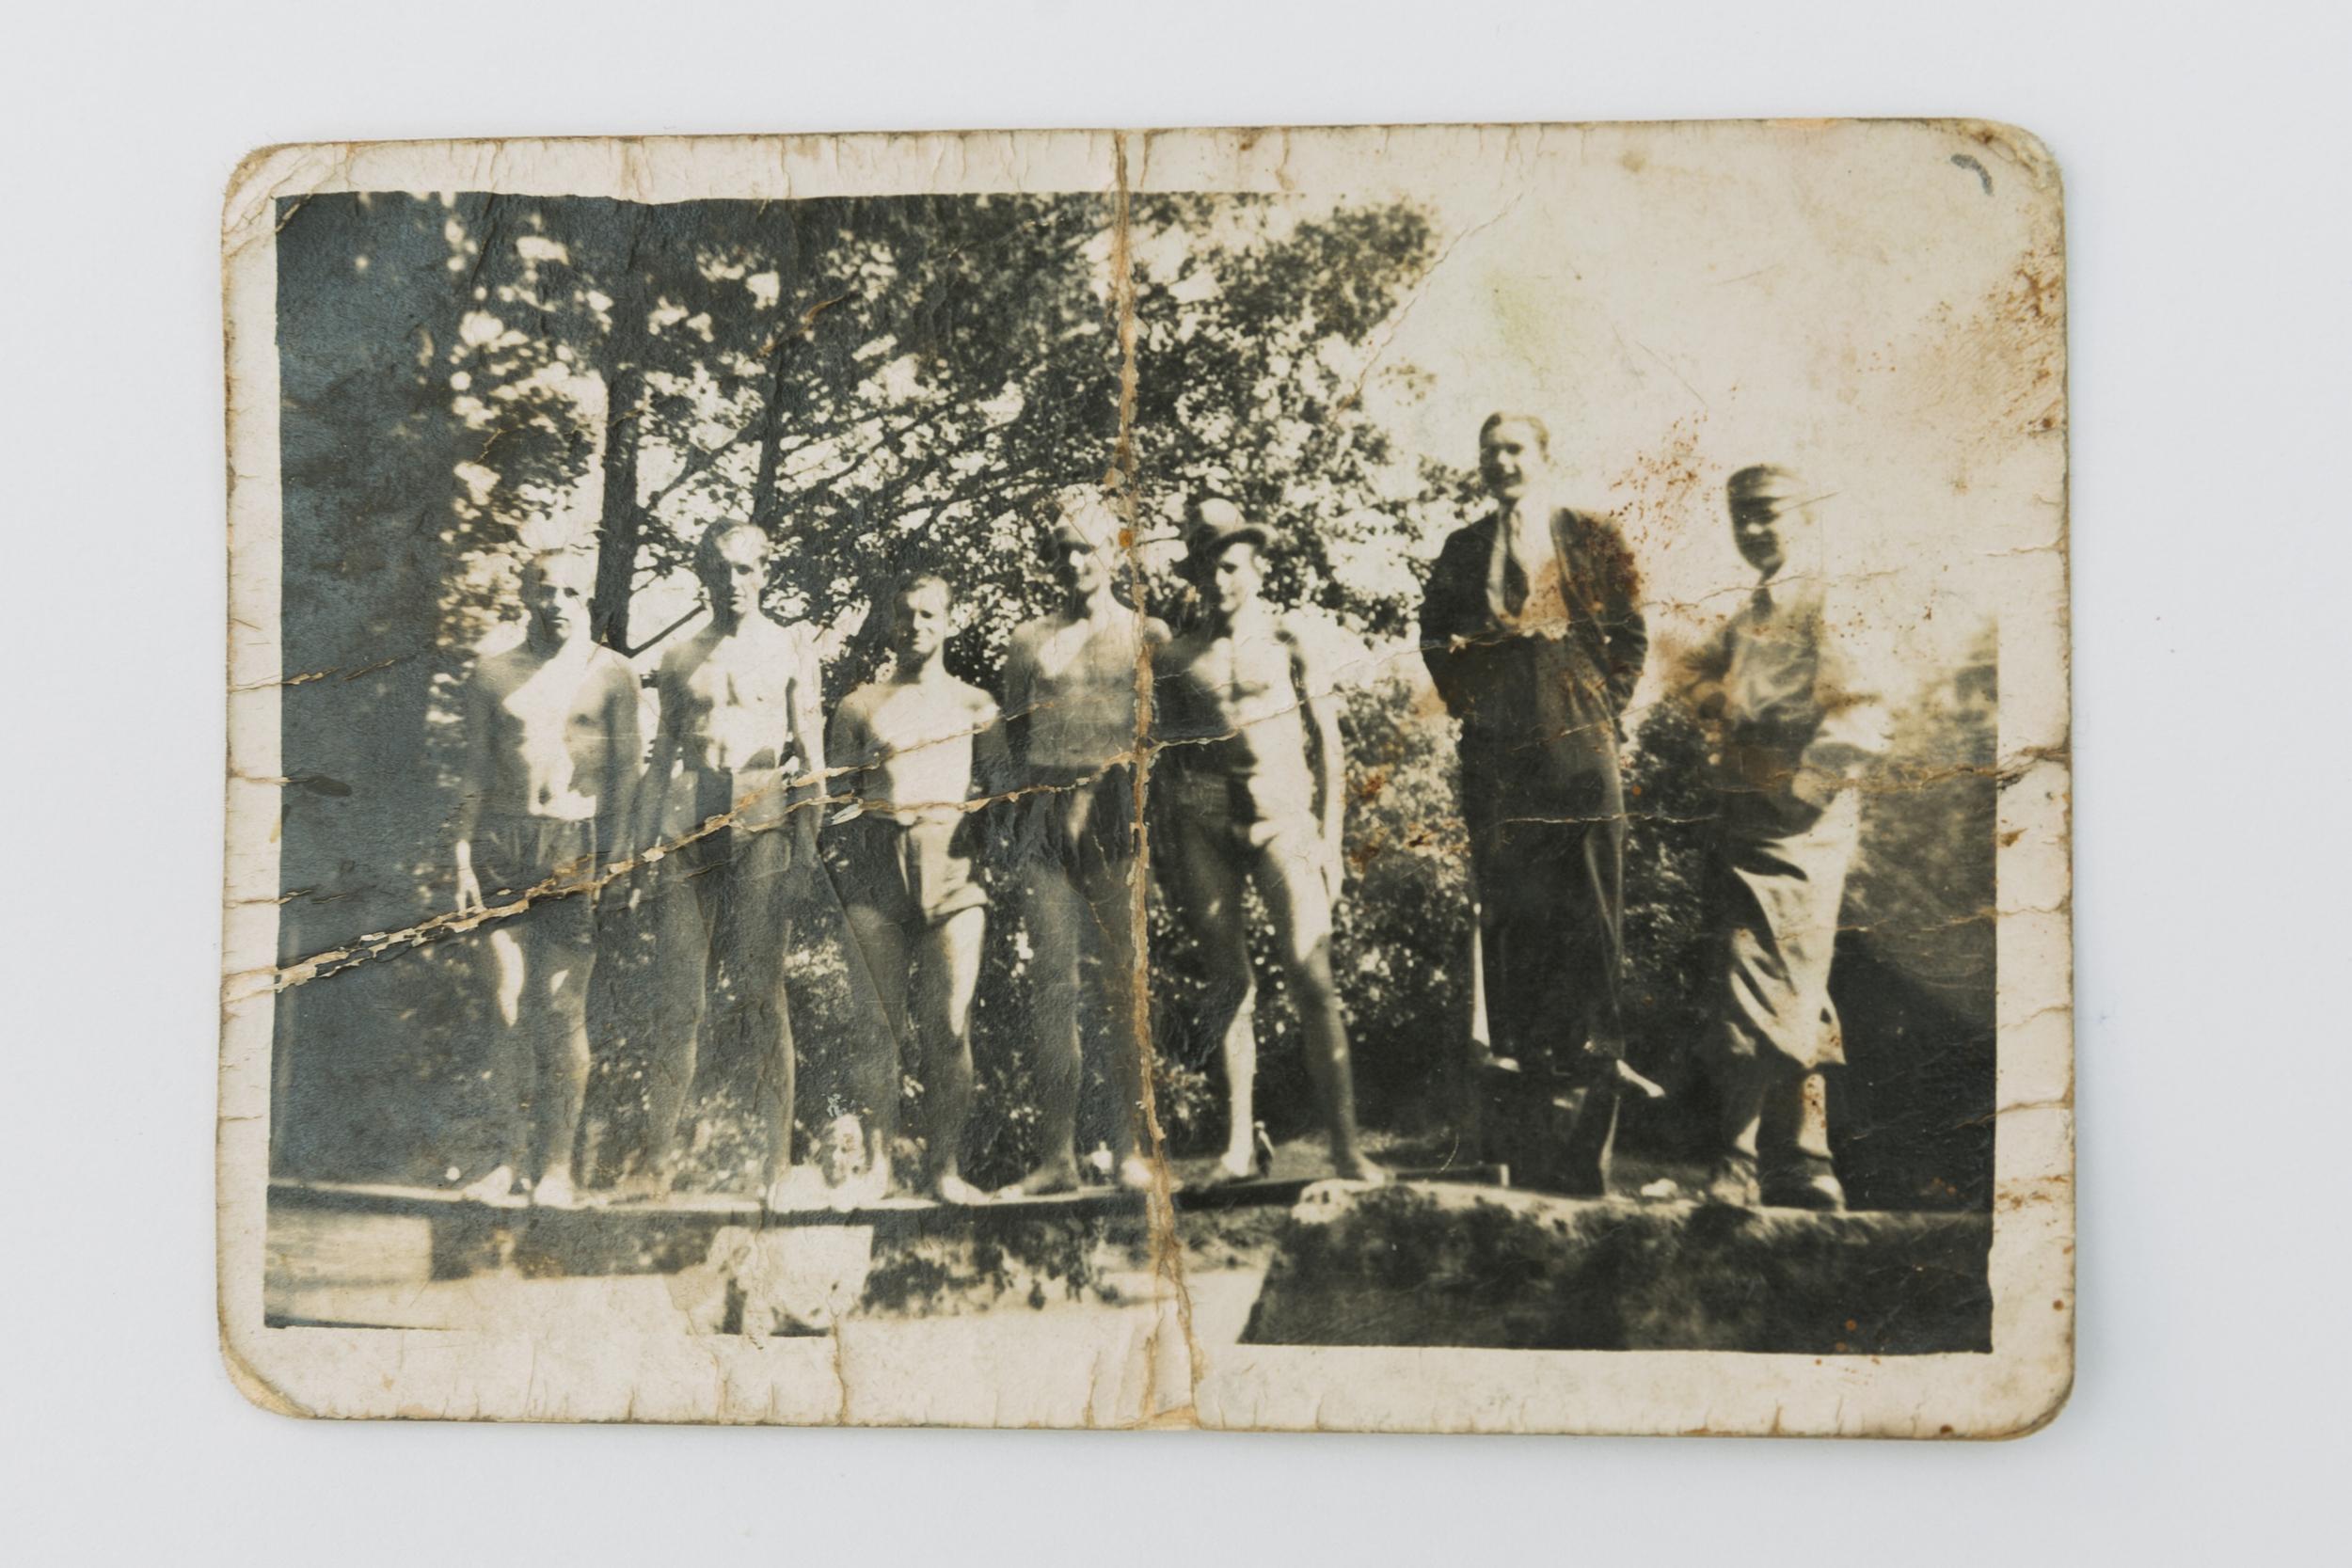 """Mateusz Kula, (Fotografie mladých lidí): """"Forensics of Family Photographs"""", 24. 08. 1939, vyfotografováno na blíže neurčeném místě v Zakarpatském vojvodství v Polsku"""